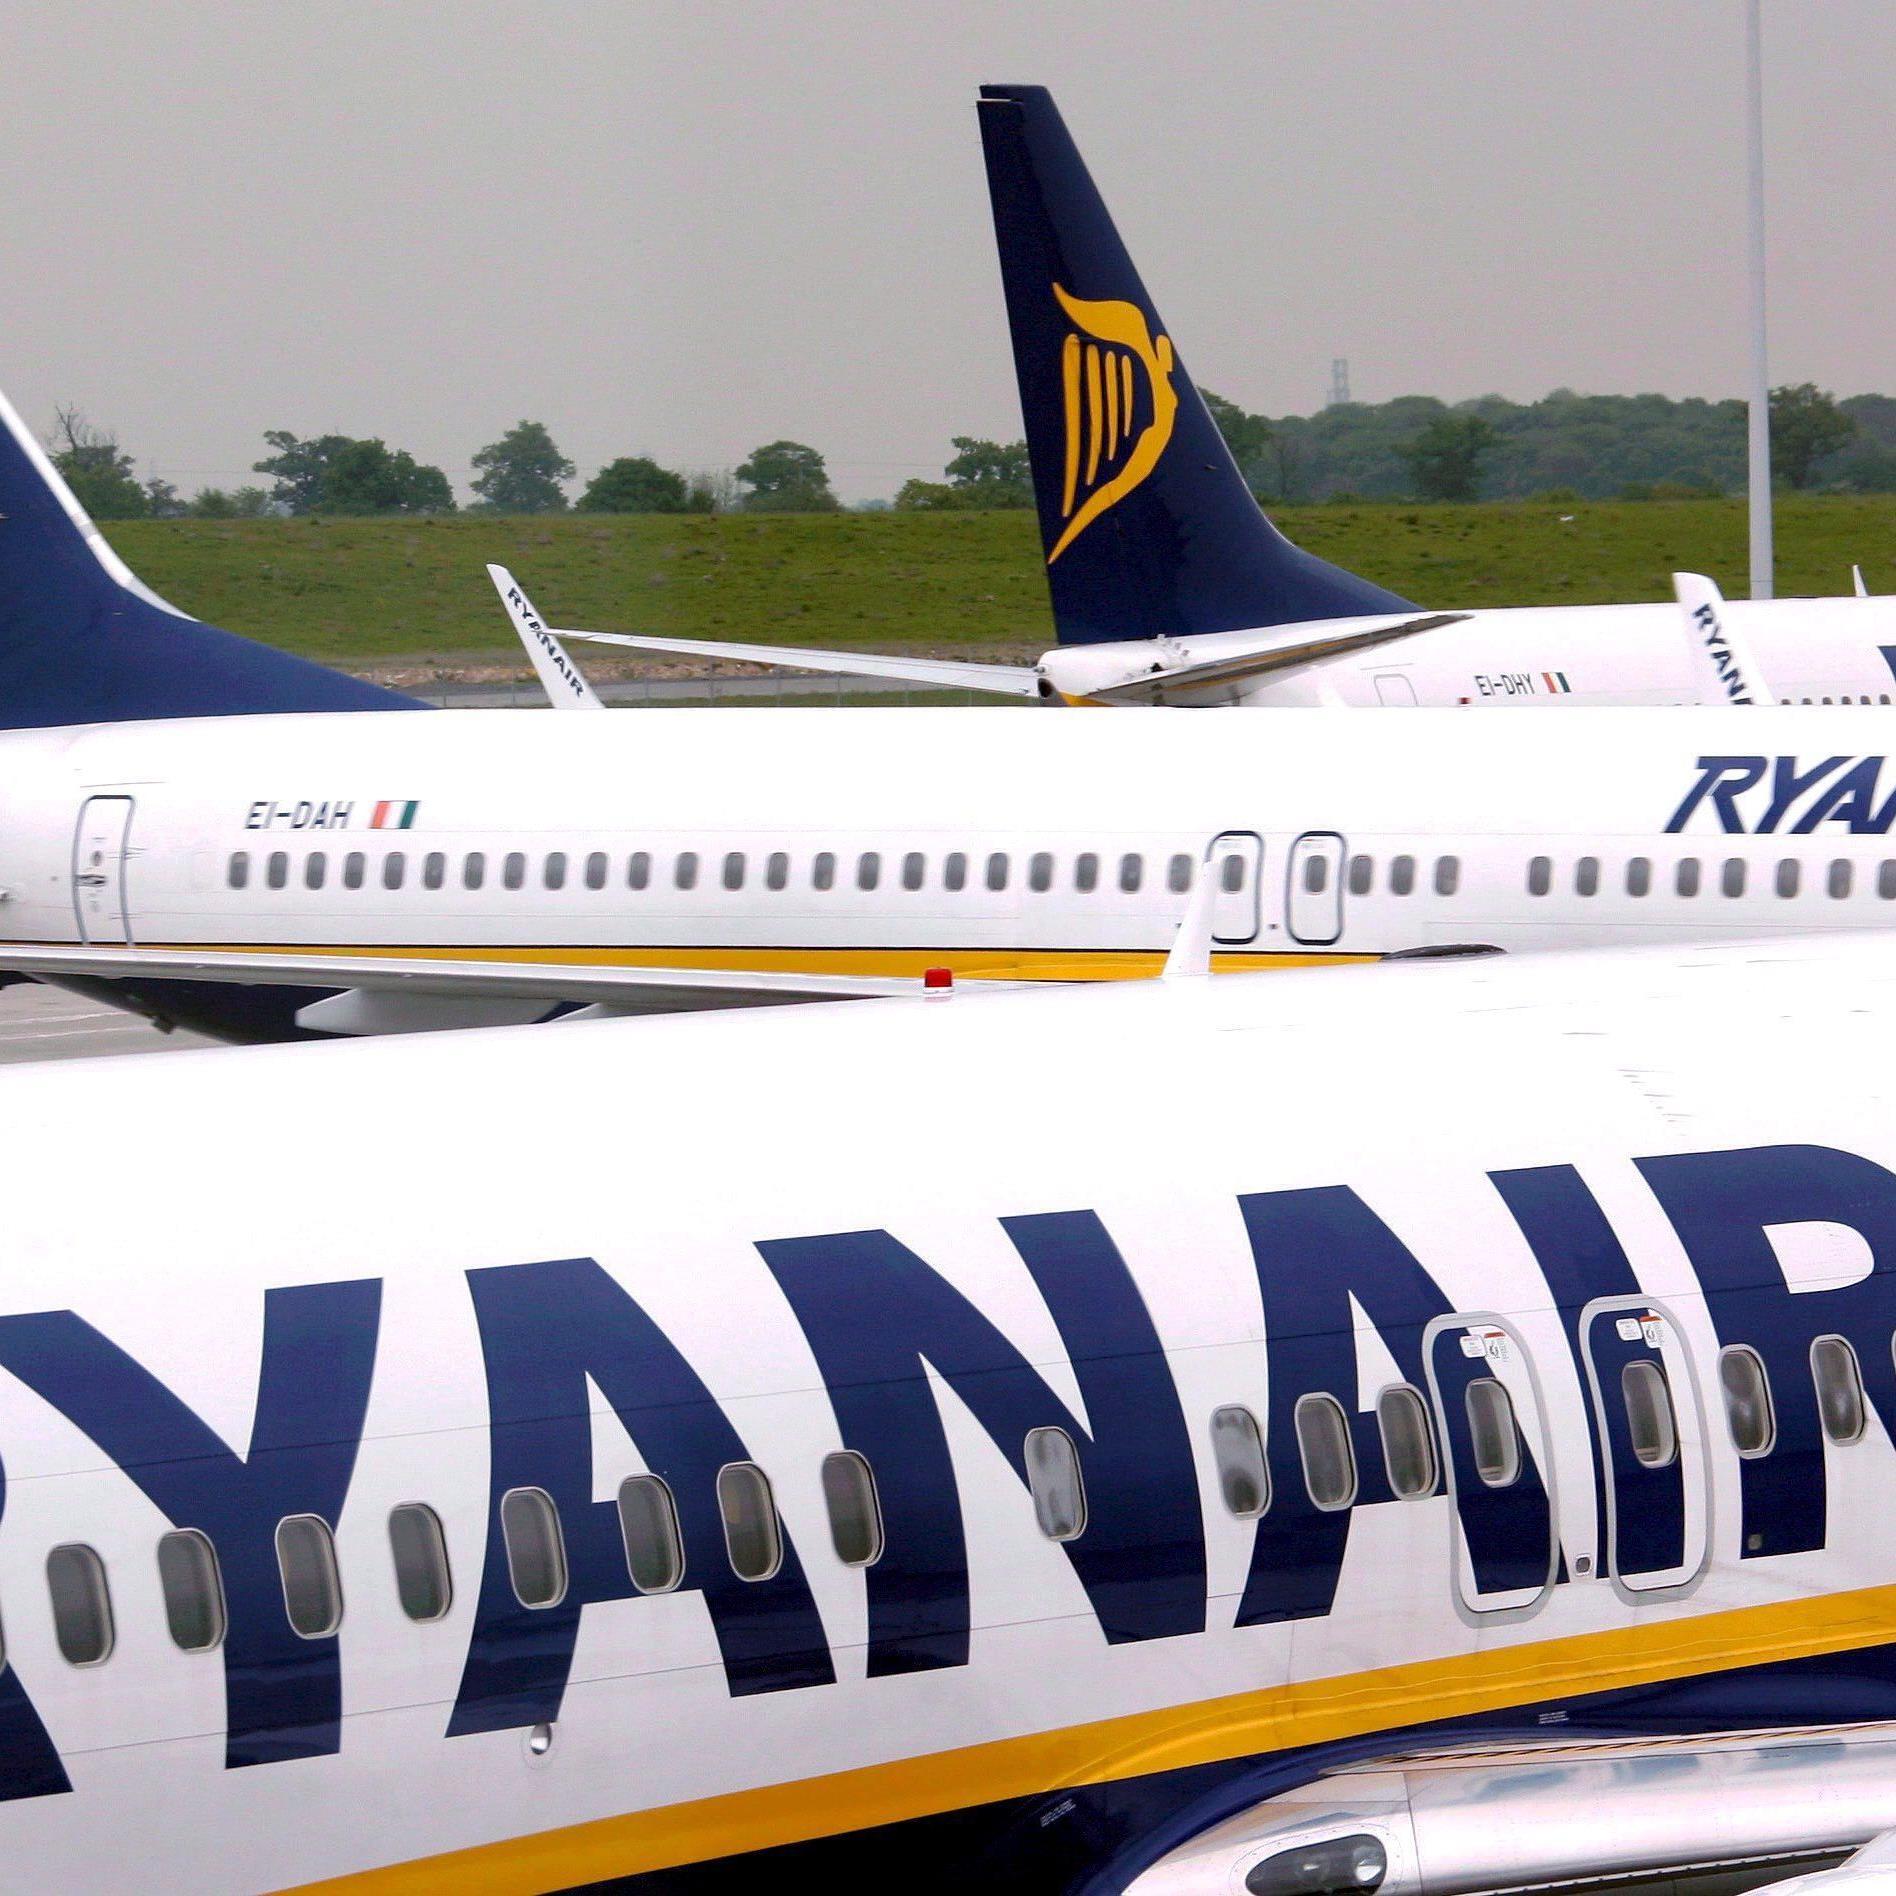 Billigfluglinie hält Vervierfachung der Passagierzahlen möglich - Neue Flughäfen im Visier.